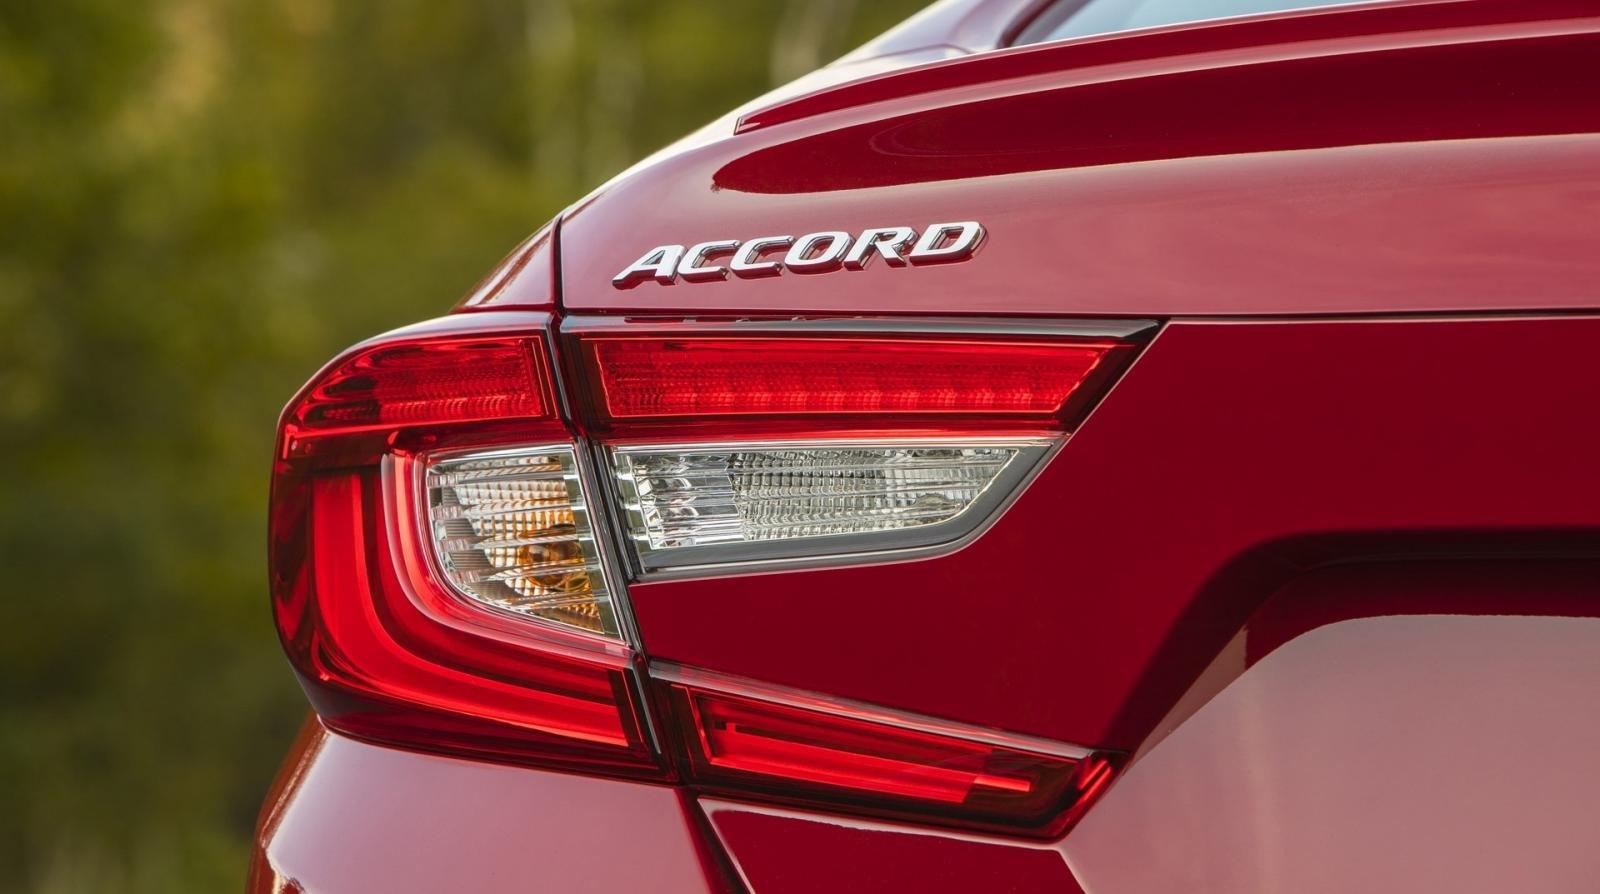 So sánh xe Honda Accord 2019 và đời cũ qua ảnh a18